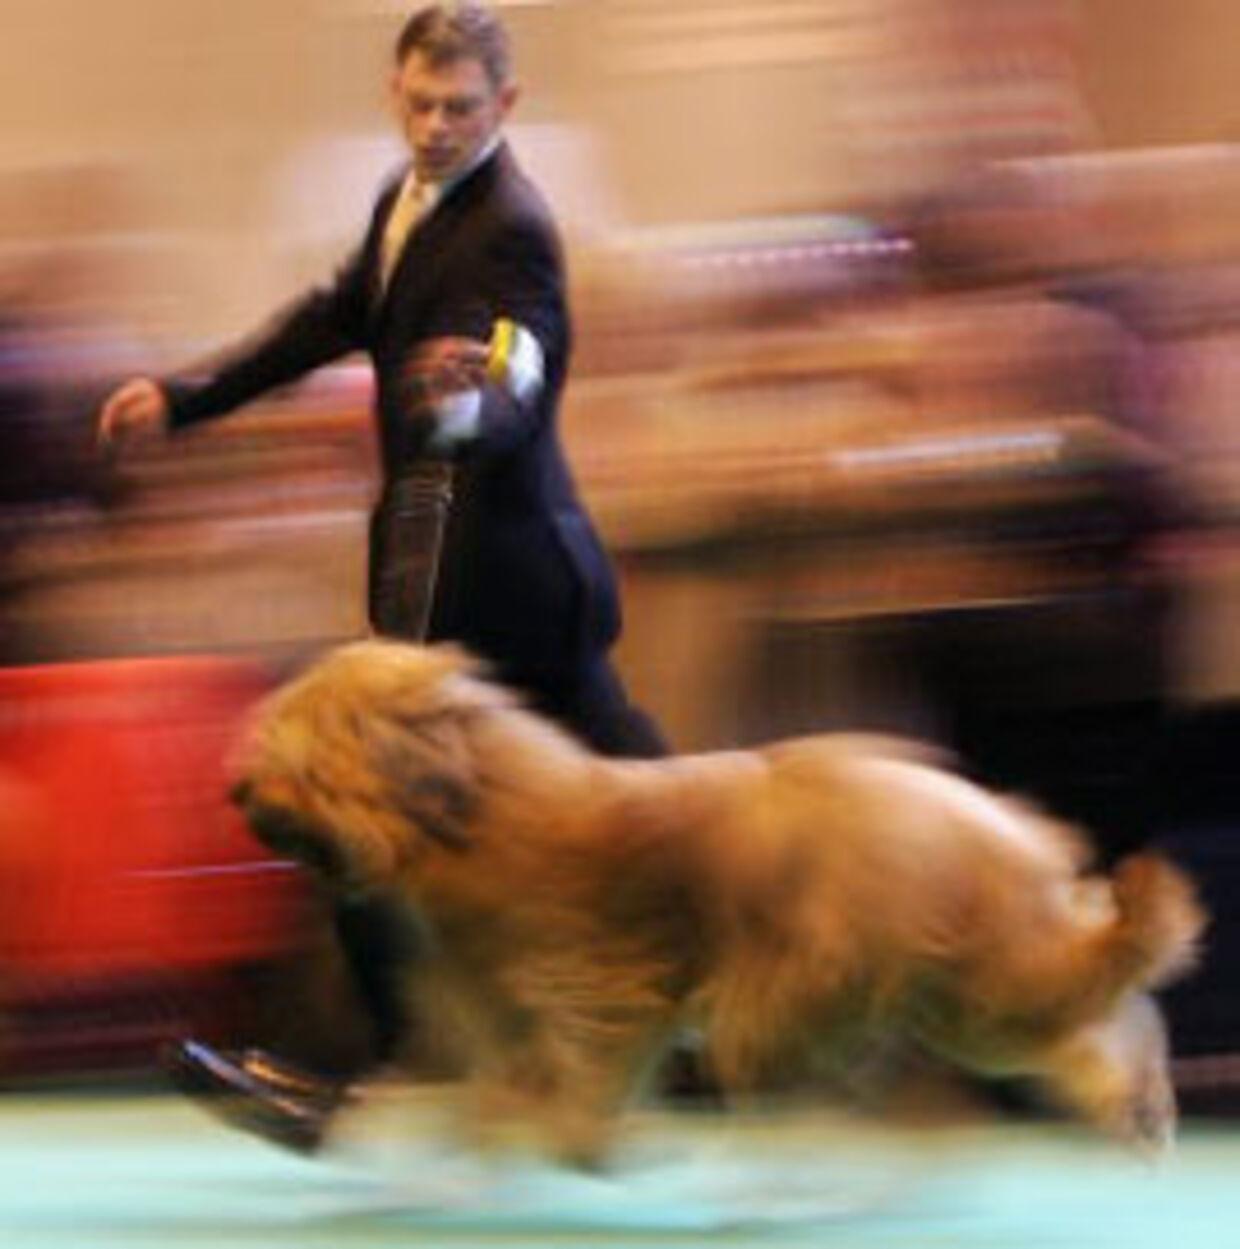 Hunden her er af Briard-typen. Arkivfoto: Gett/All Over Press